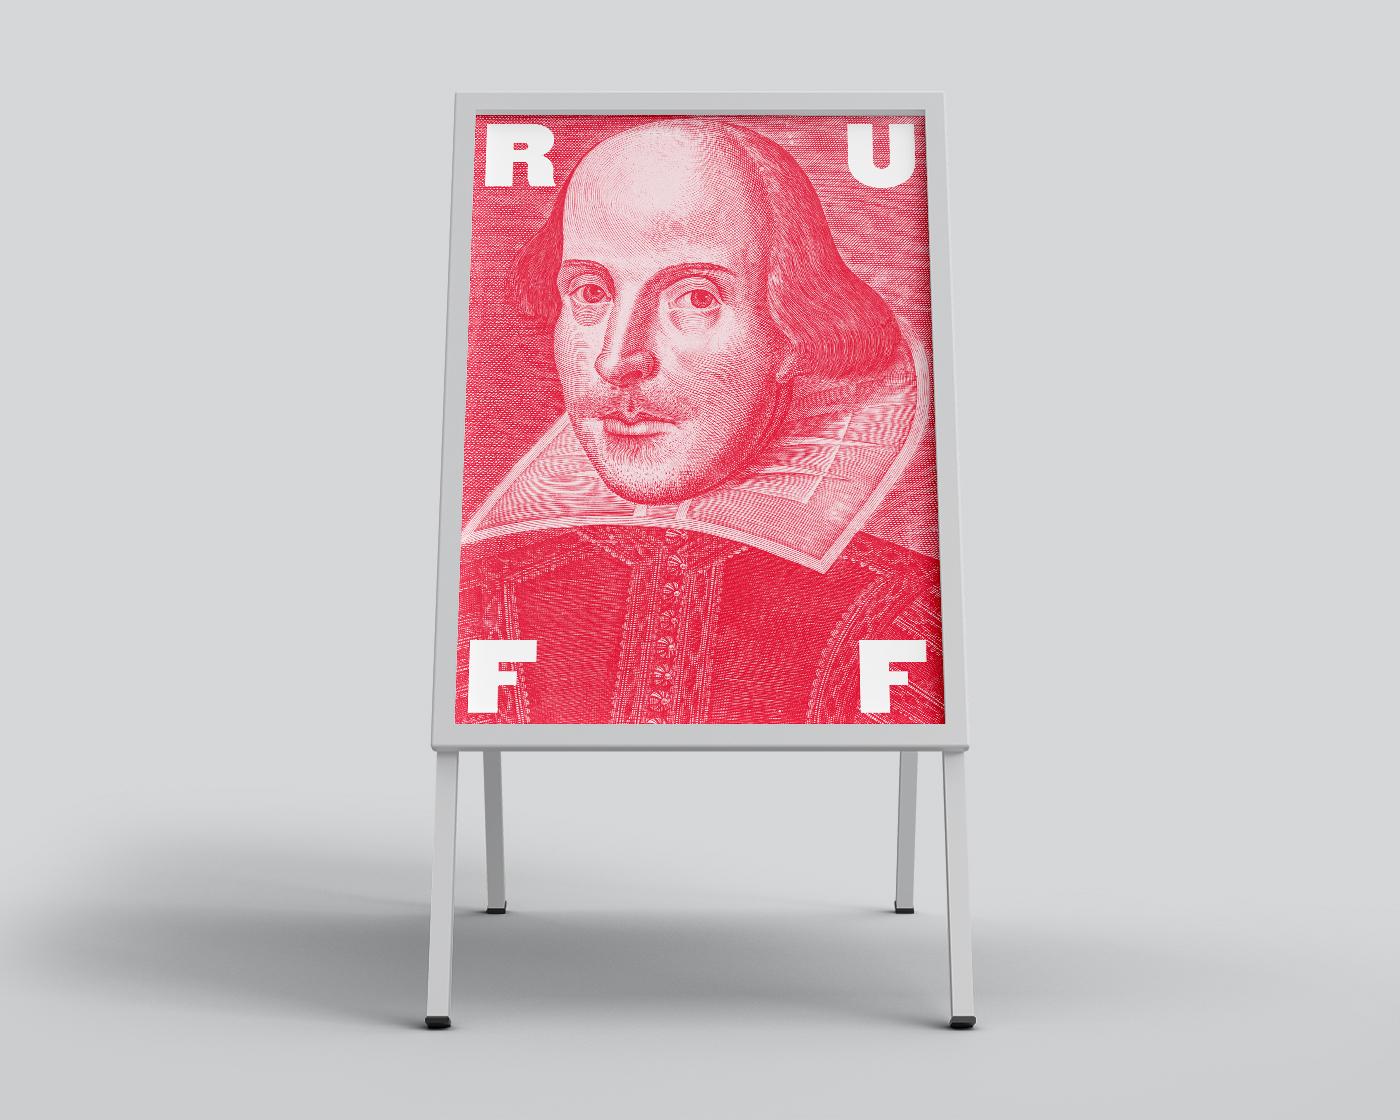 Shakespeare in the Ruff sandwich board